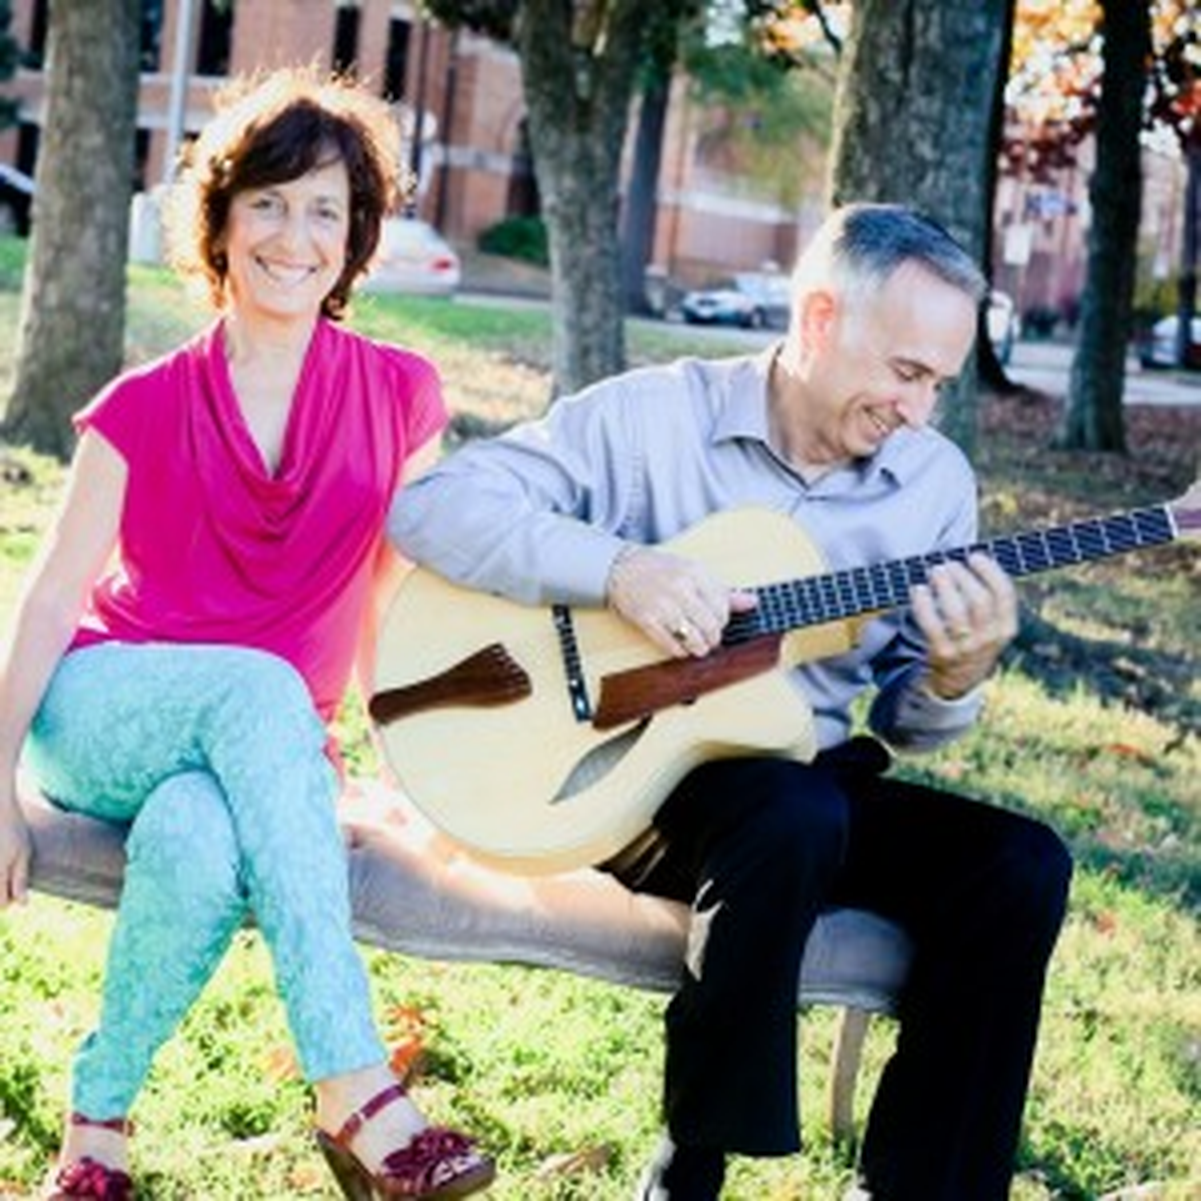 Vince Lewis / Barbara Martin